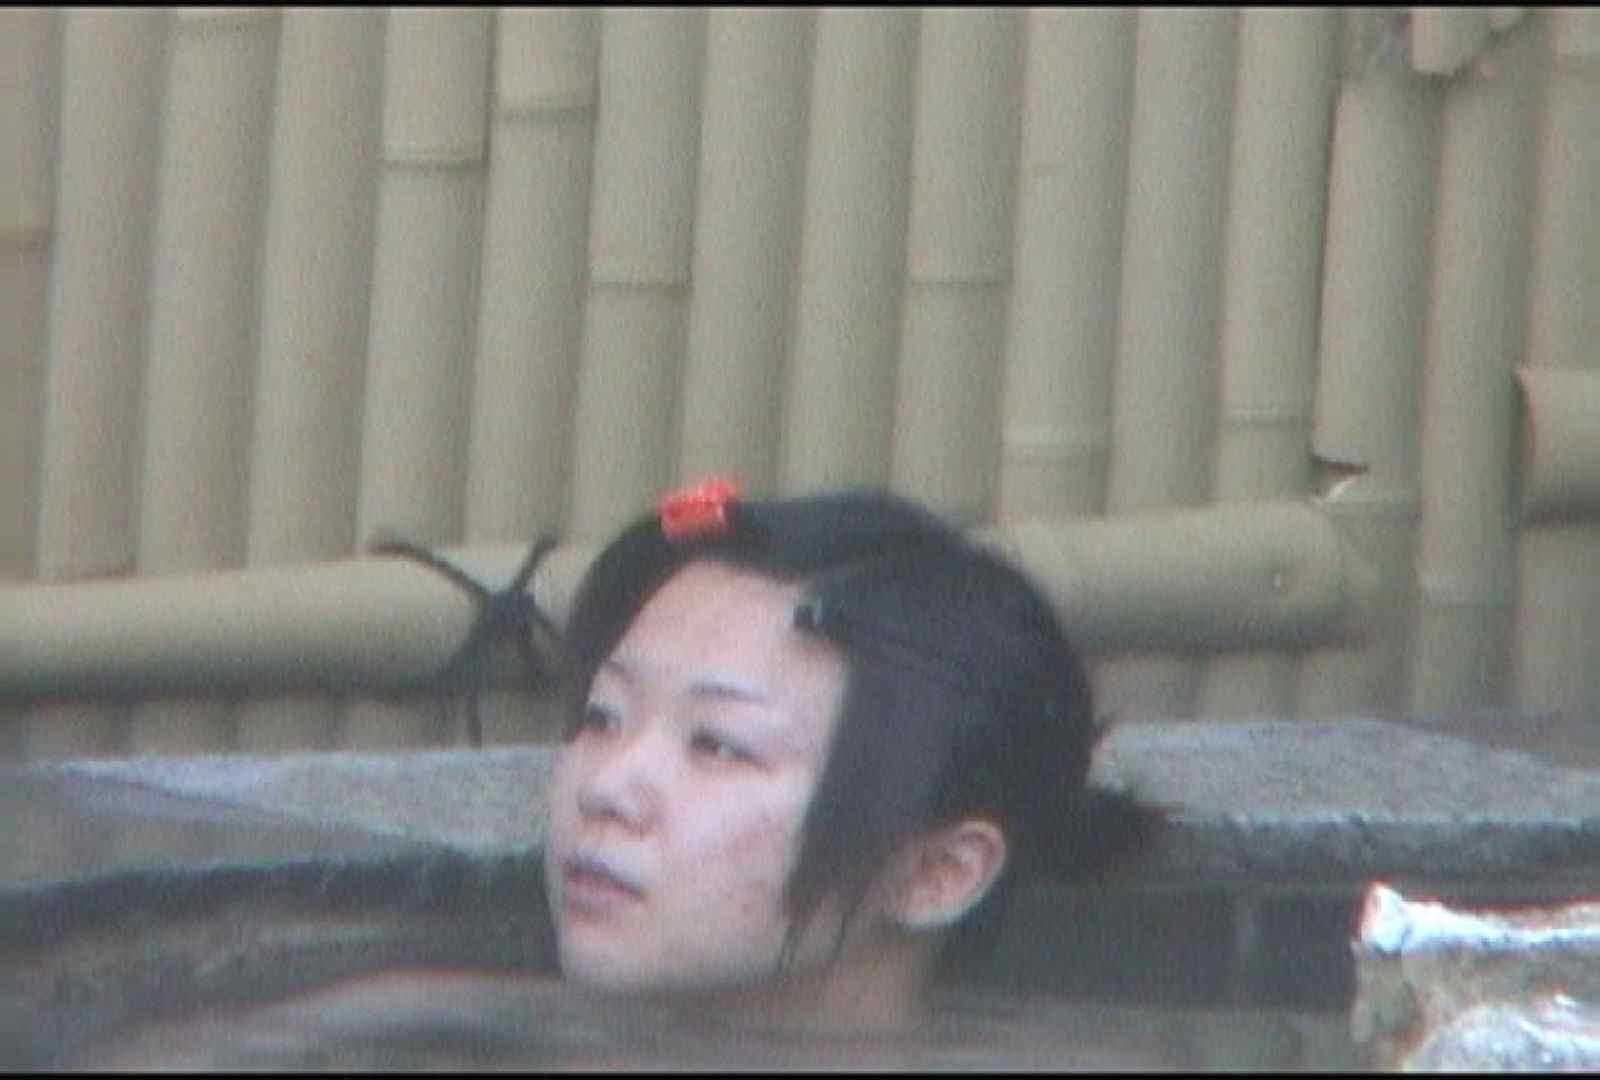 Aquaな露天風呂Vol.175 盗撮 オメコ動画キャプチャ 99枚 62